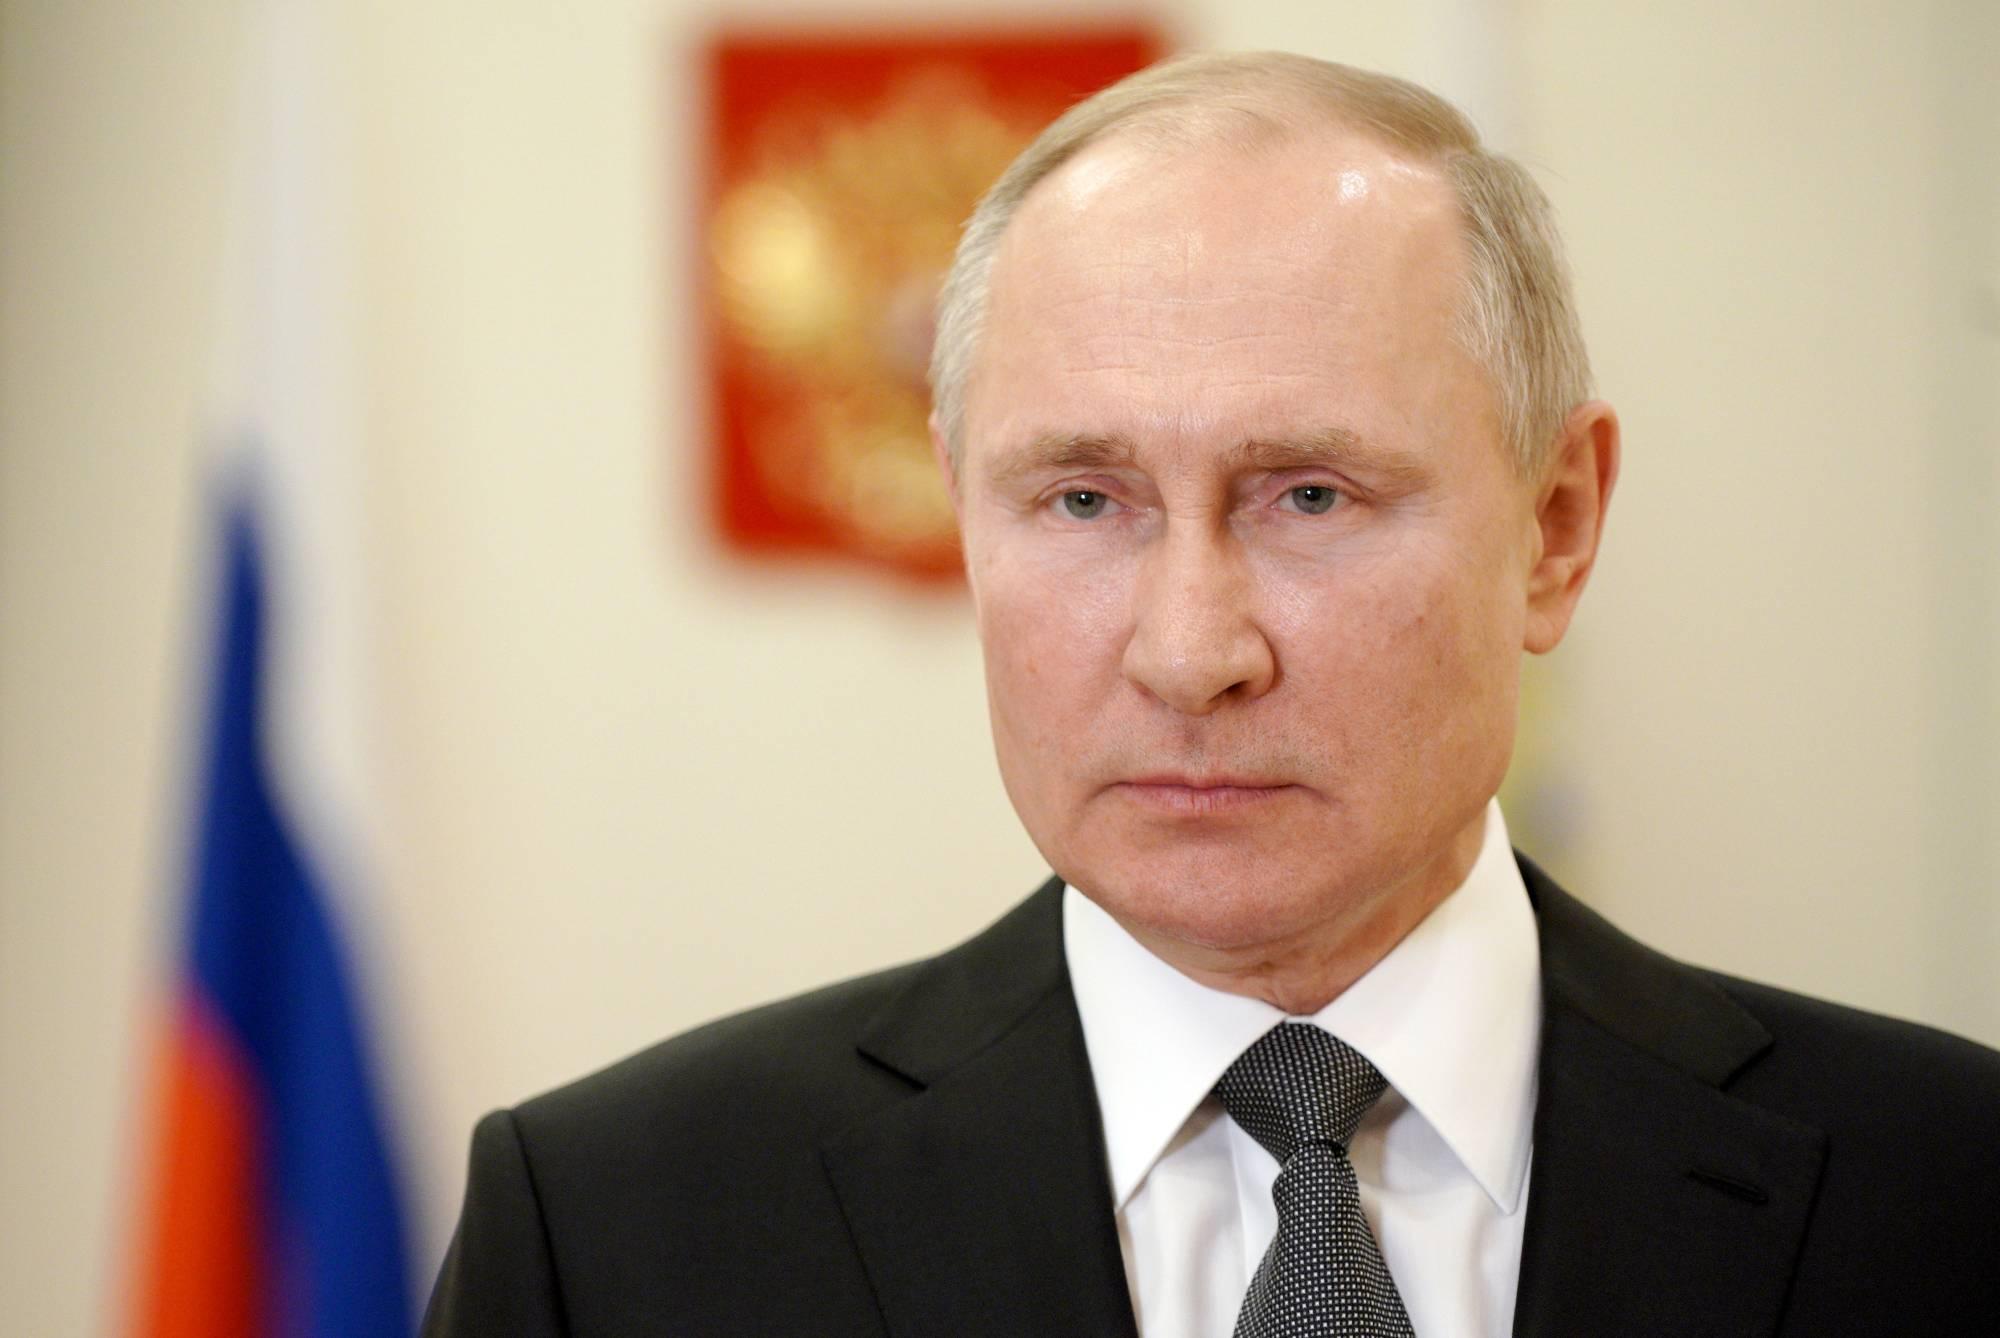 Putin i shqetësuar për konfliktin Izrael-Palestinë: Prek interesat e sigurisë sonë